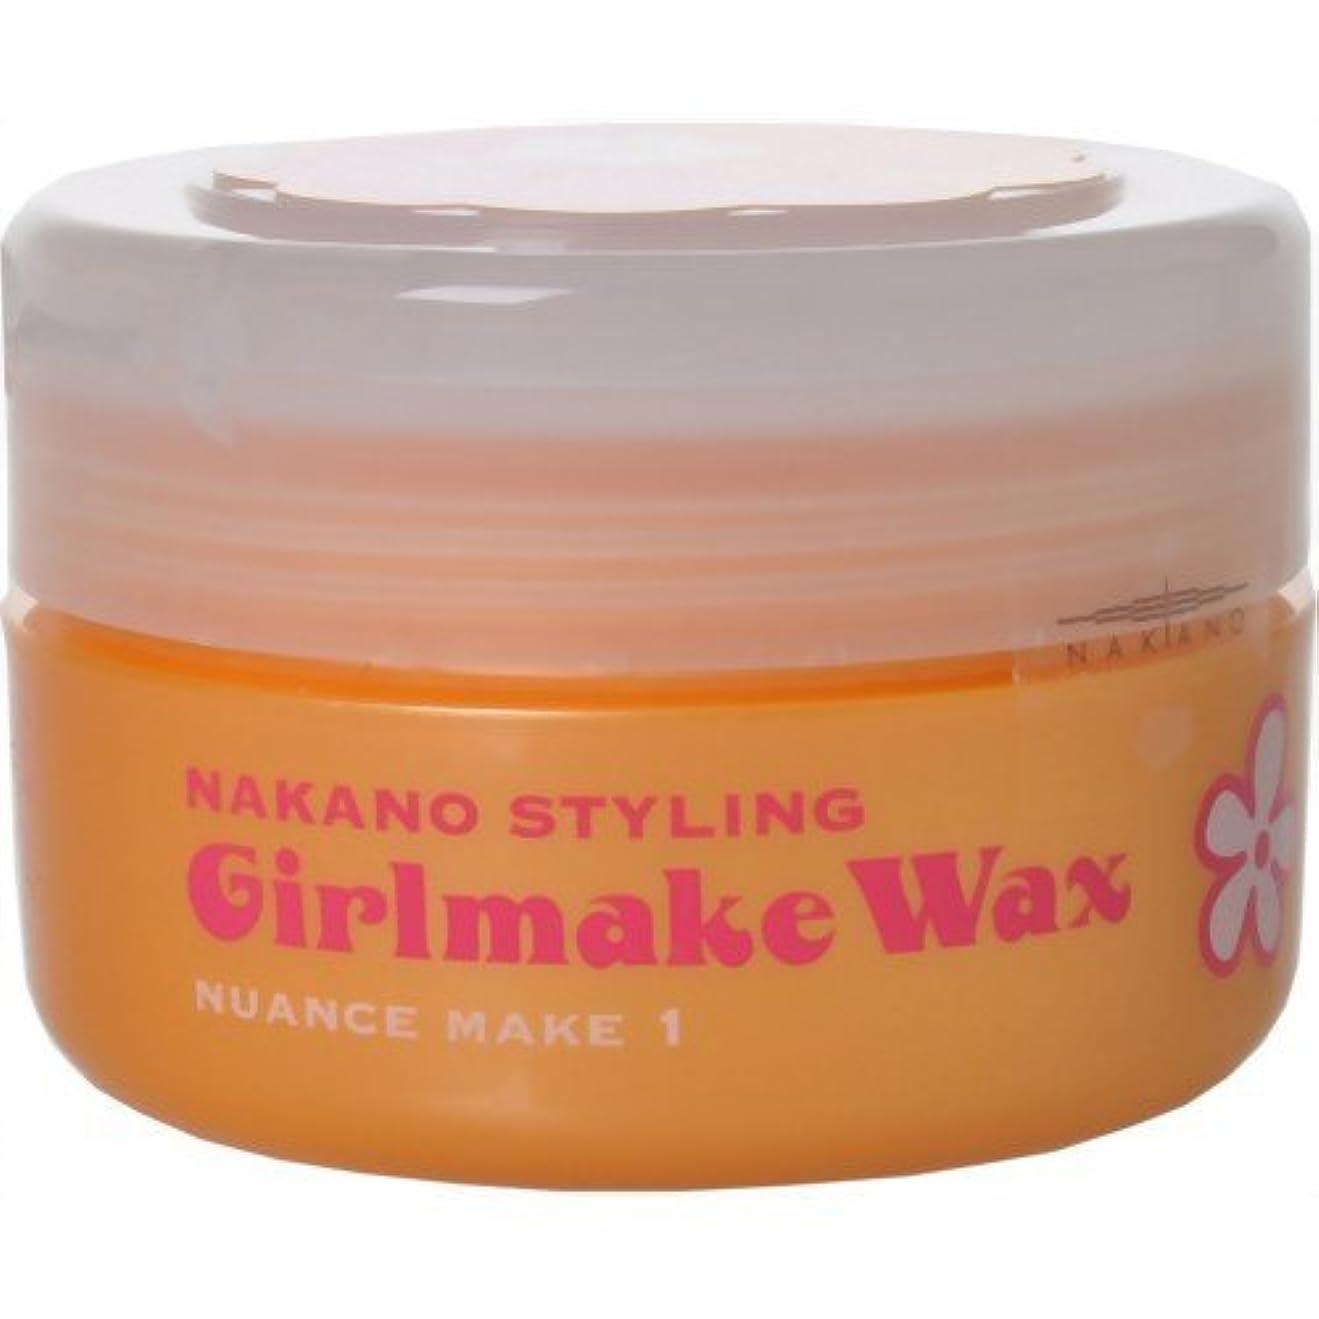 ウール添加剤原始的なナカノ ガールメイクワックス1 90g